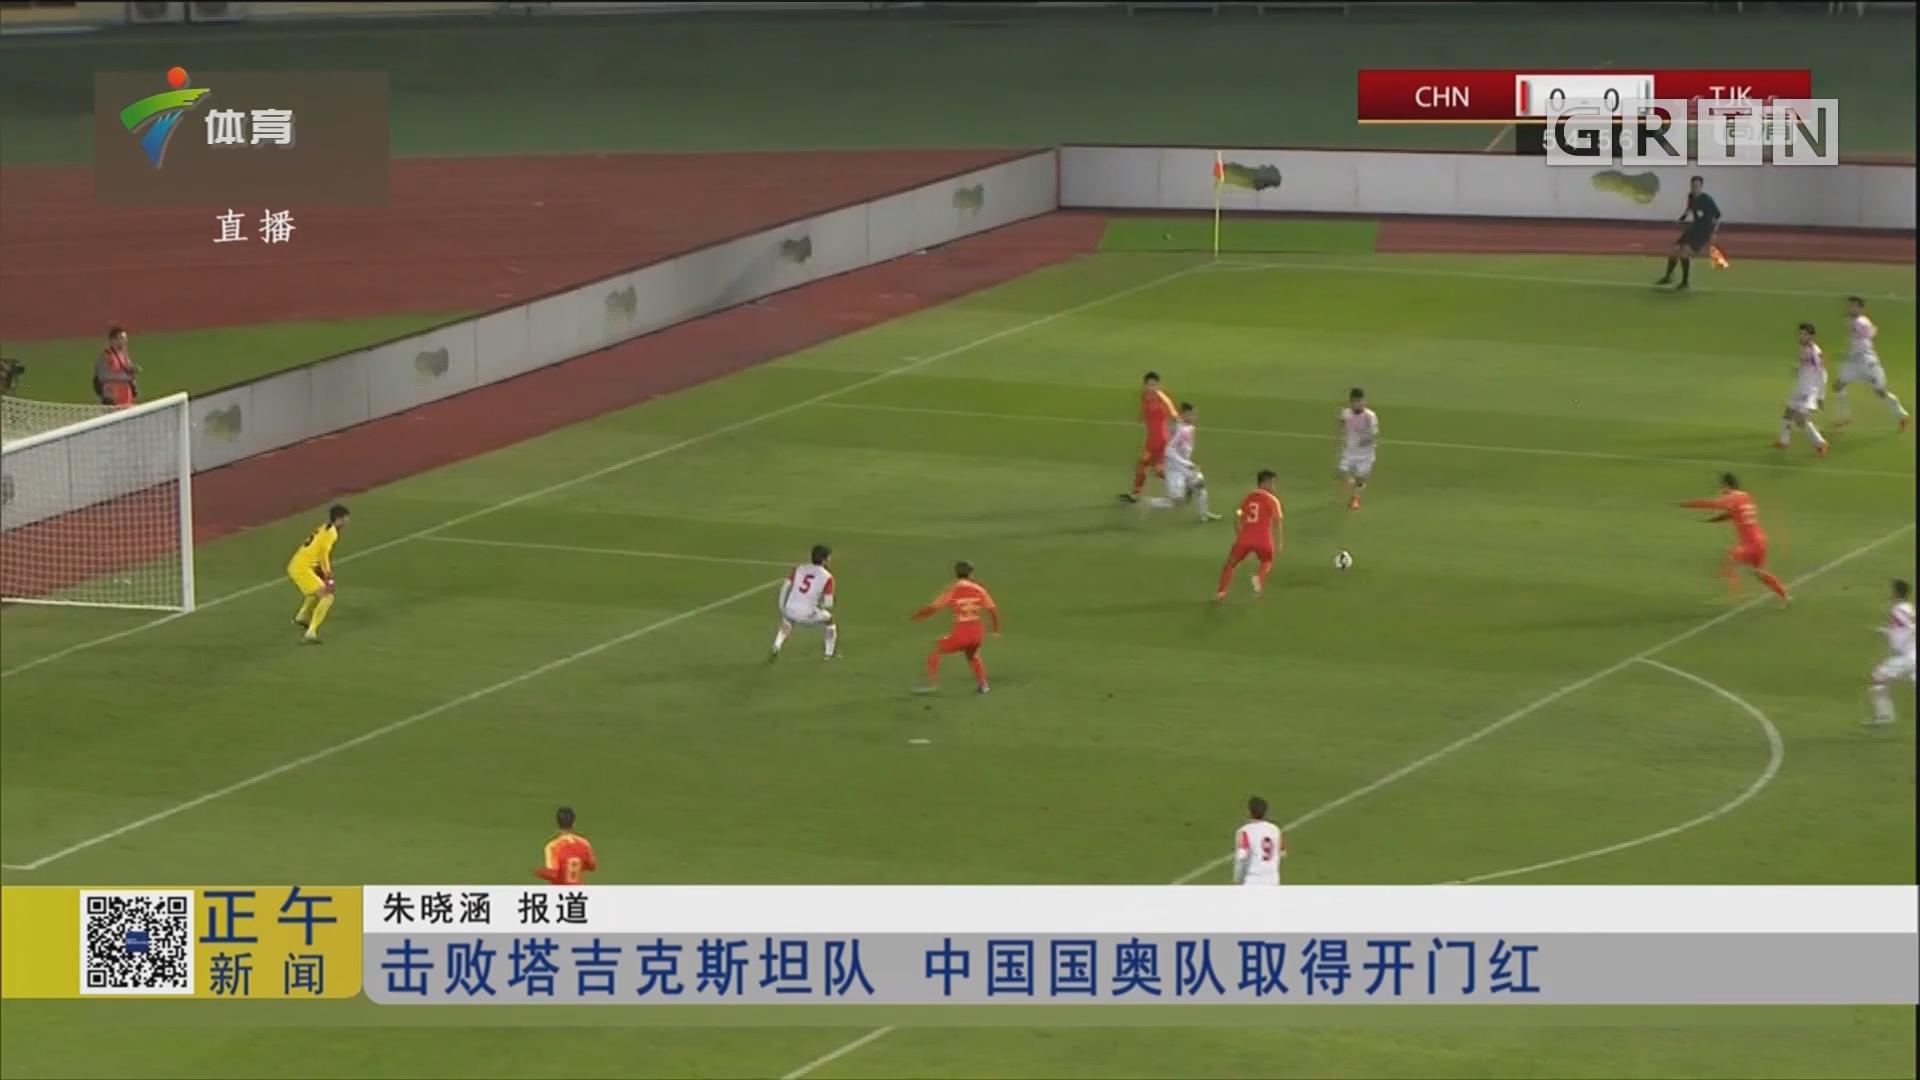 击败塔吉克斯坦队 中国国奥队取得开门红